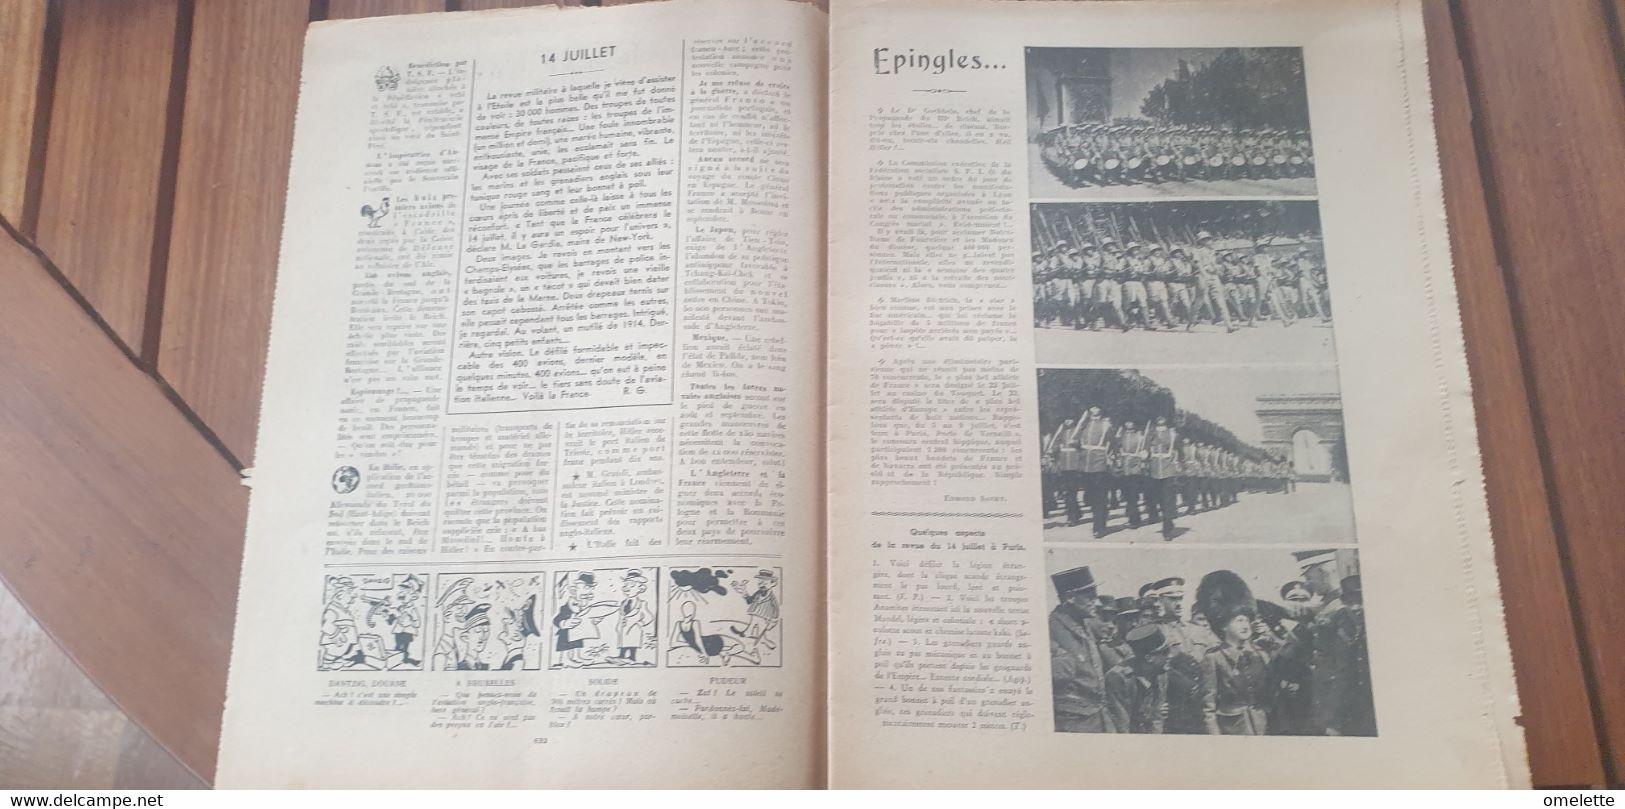 PELERIN 39 /DANTZIG /ANNAM BAO DAI /PETITES SOEURS DES PAUVRES SOUPE /14 JUILLET PARIS LEGION ETRANGERE - 1900 - 1949